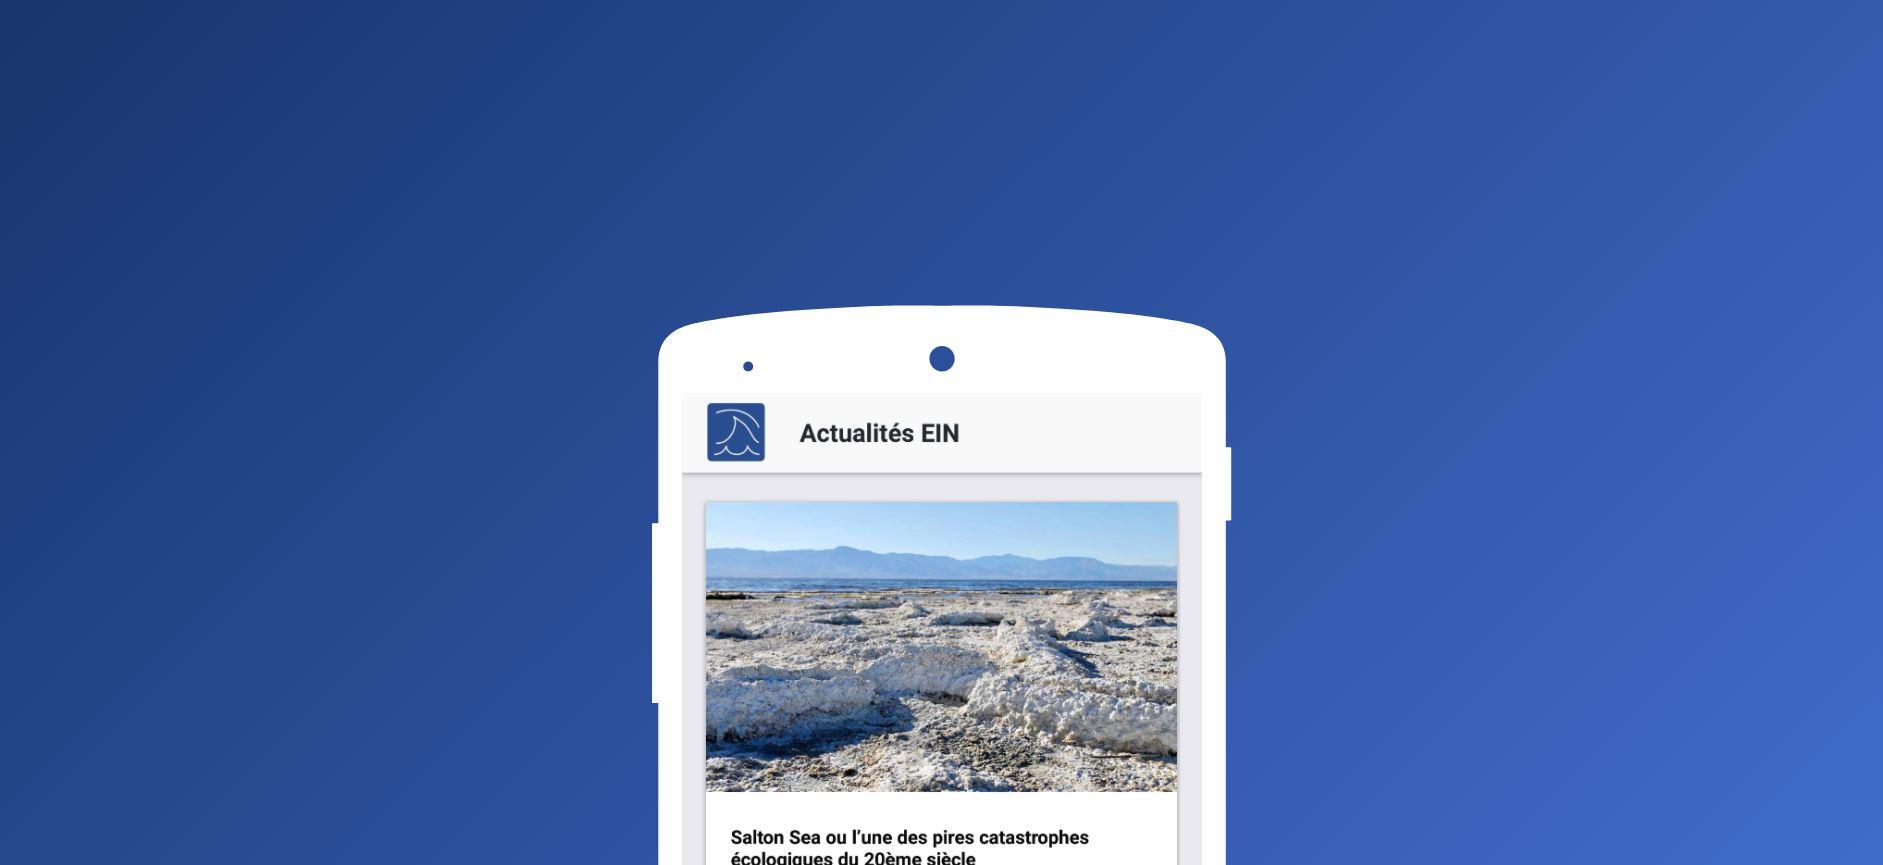 Image de présentation          La Revue l'Eau, l'Industrie, les Nuisances a désormais son application!